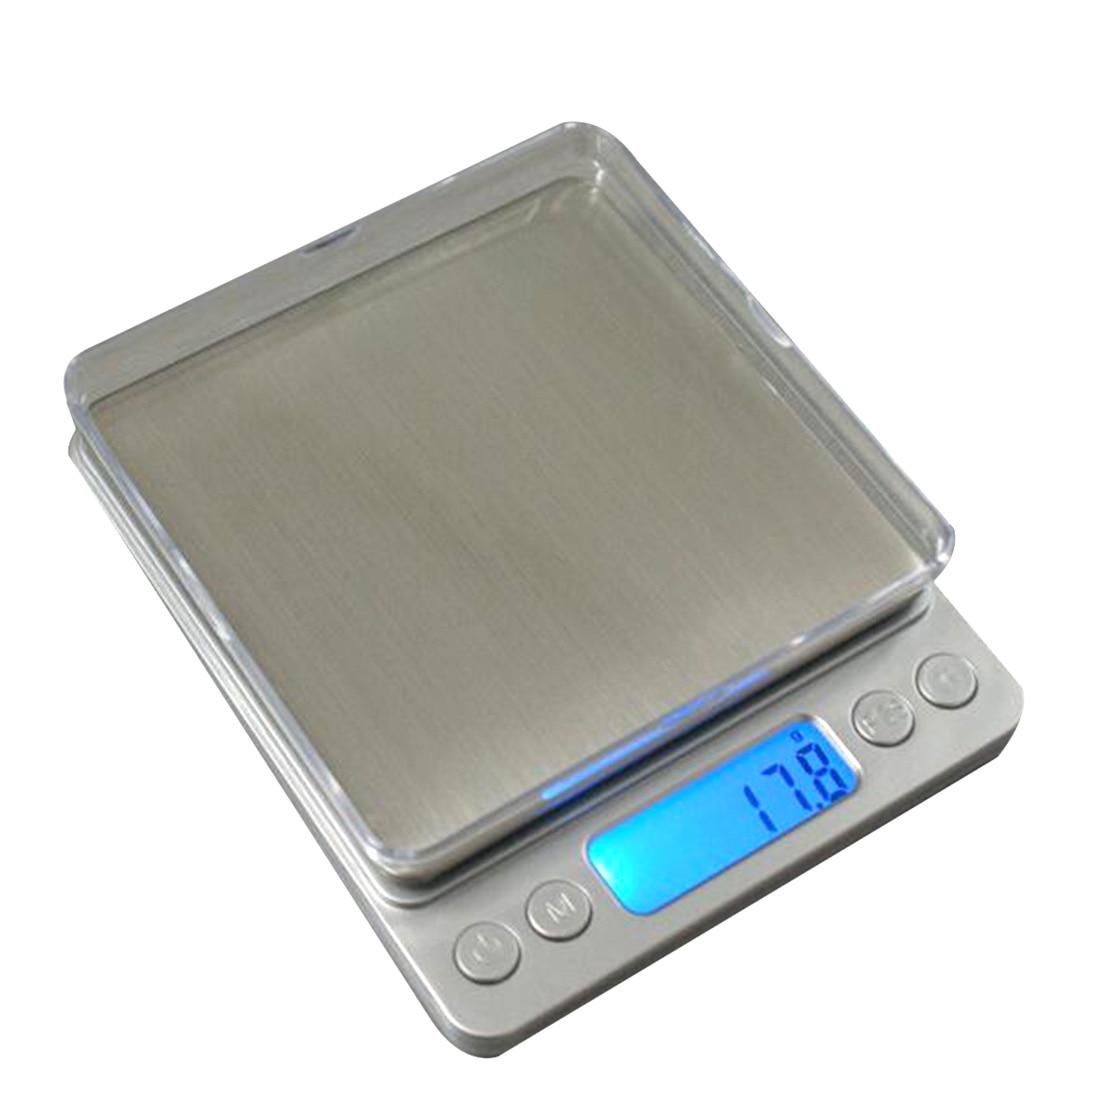 Elektronische Küche Skala 1000g/2000g/3000g Gewicht Balance Hohe Genauigkeit Schmuck Waagen Essen Diät Waage mit Blauen Schwarzlicht